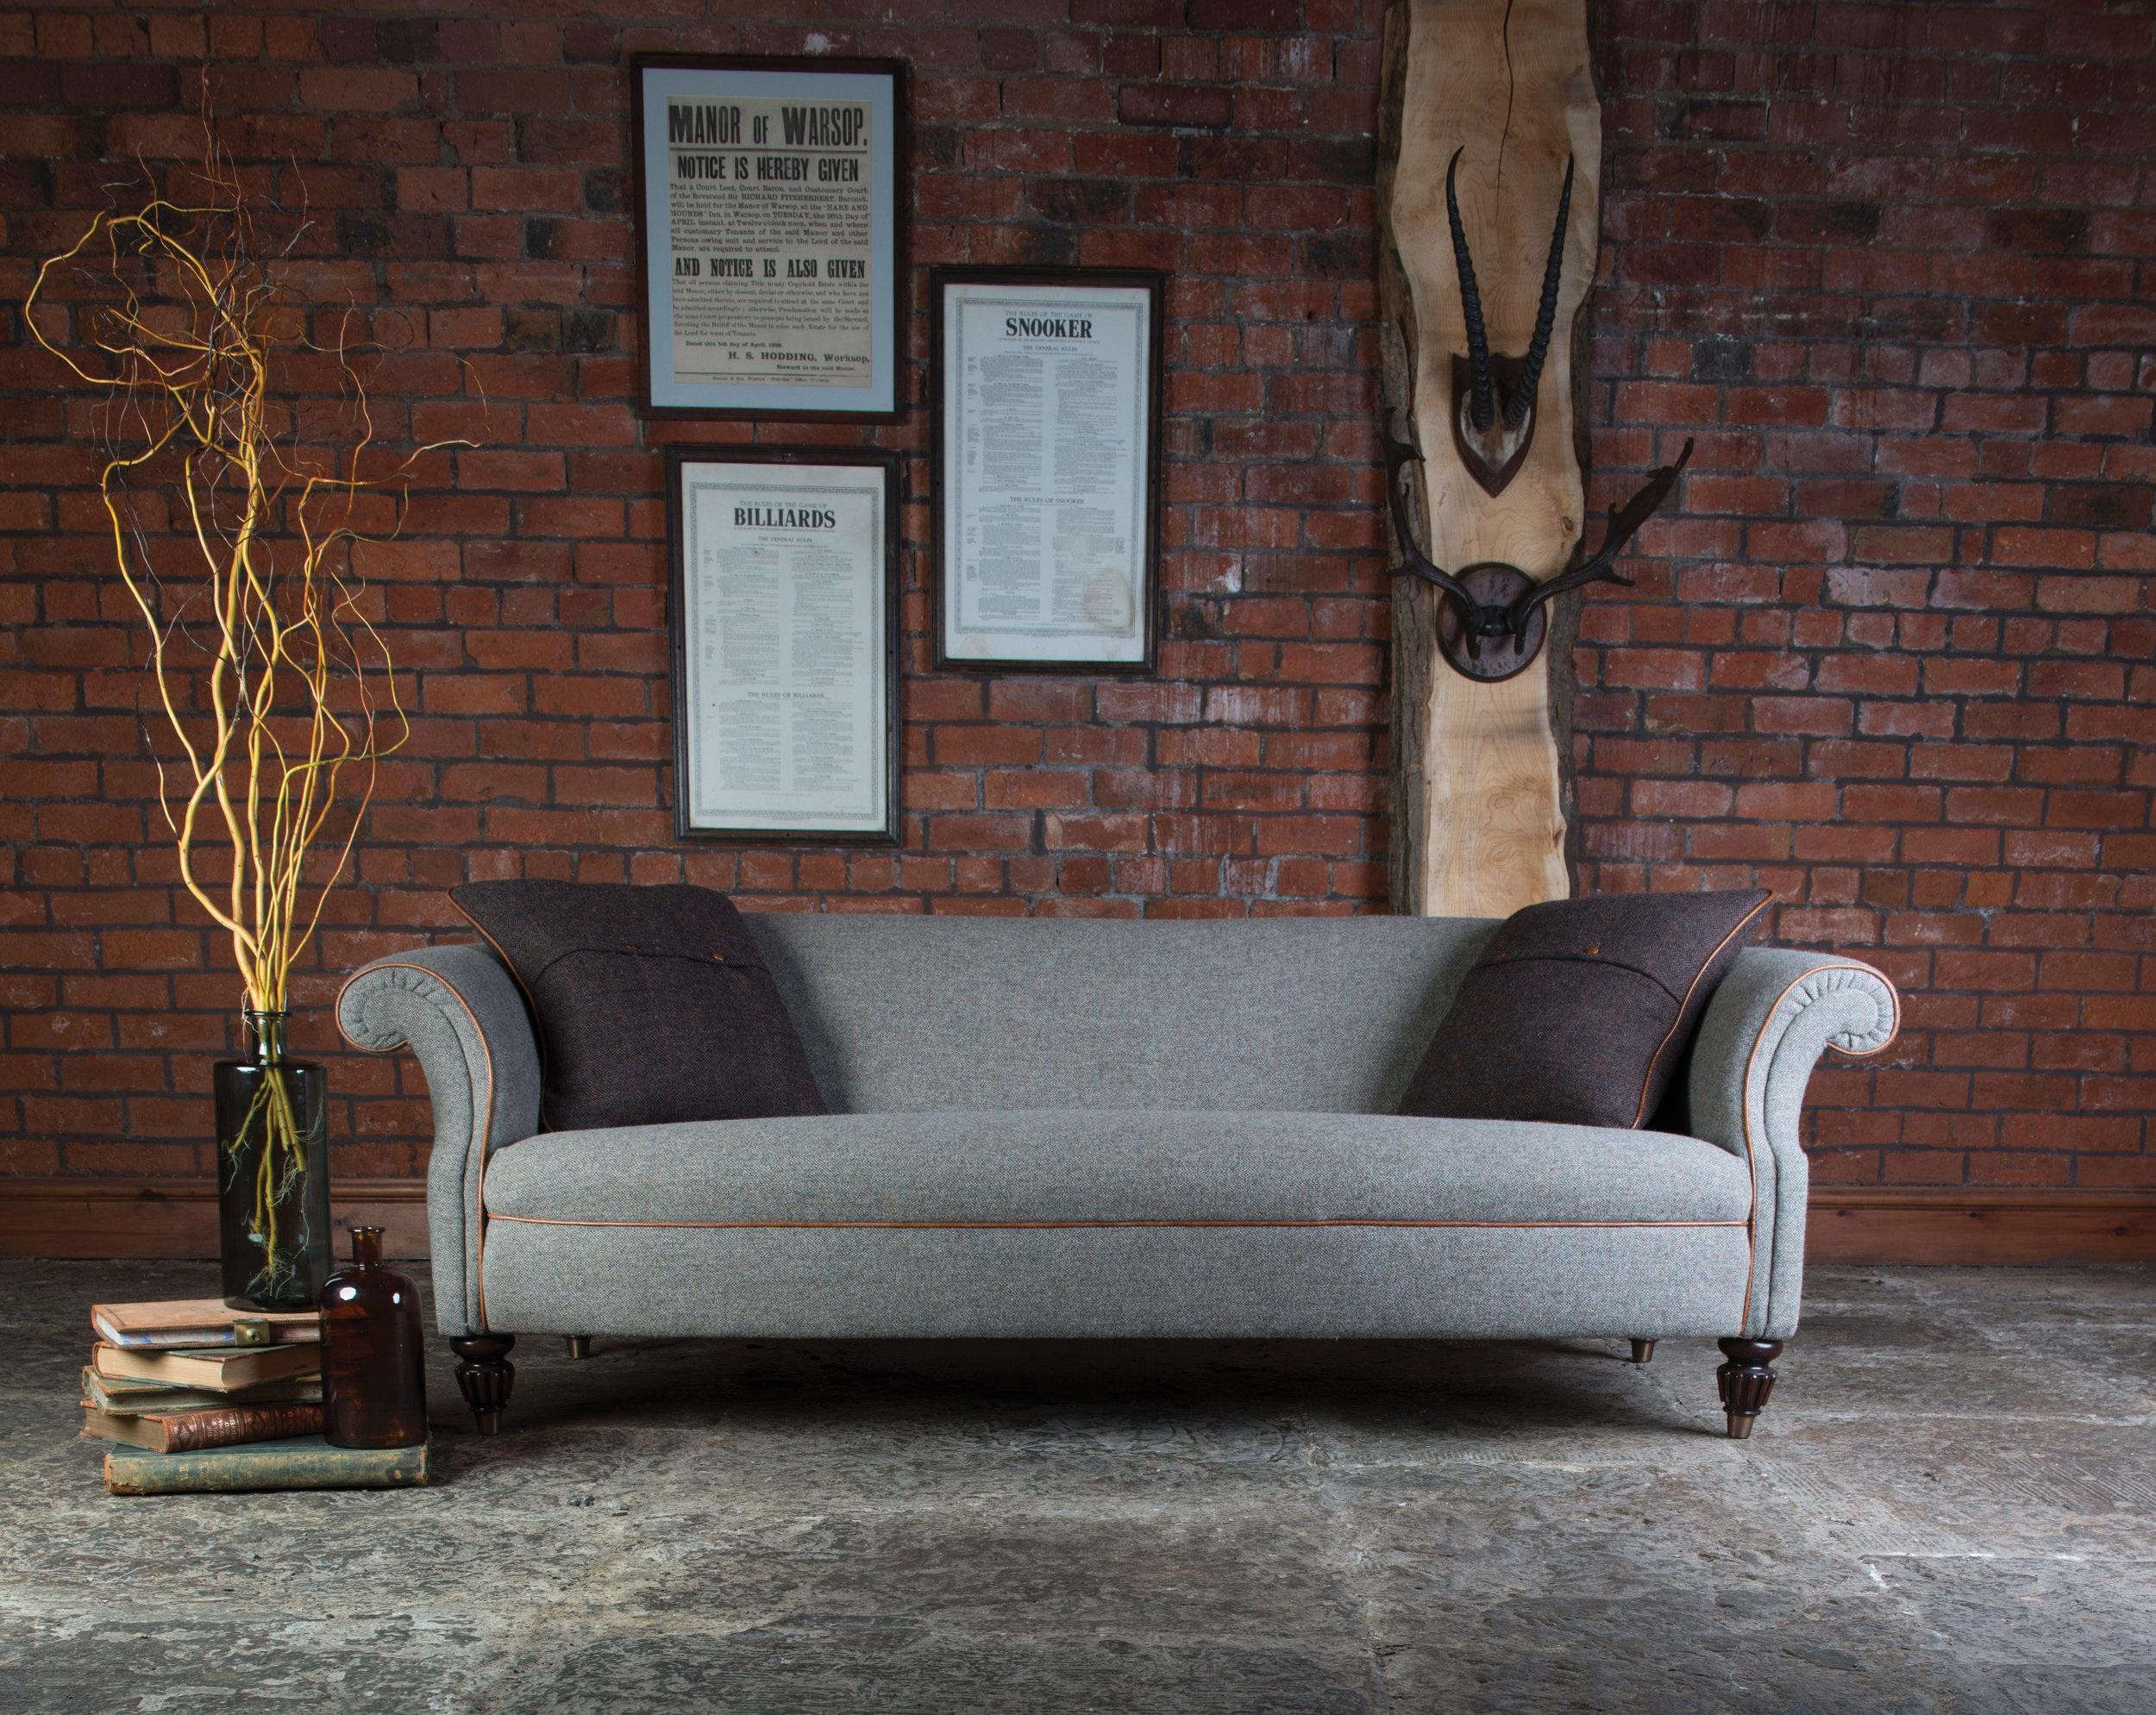 The Bowmore   Grand Sofa: 225(W) 99(D) 75(H)  Midi Sofa: 195(W) 99(D) 75(H)  Petit Sofa: 165(W) 99(D) 75(H)  Chair: 72(W) 76(D) 90(H)   Sofa prices from: £1325